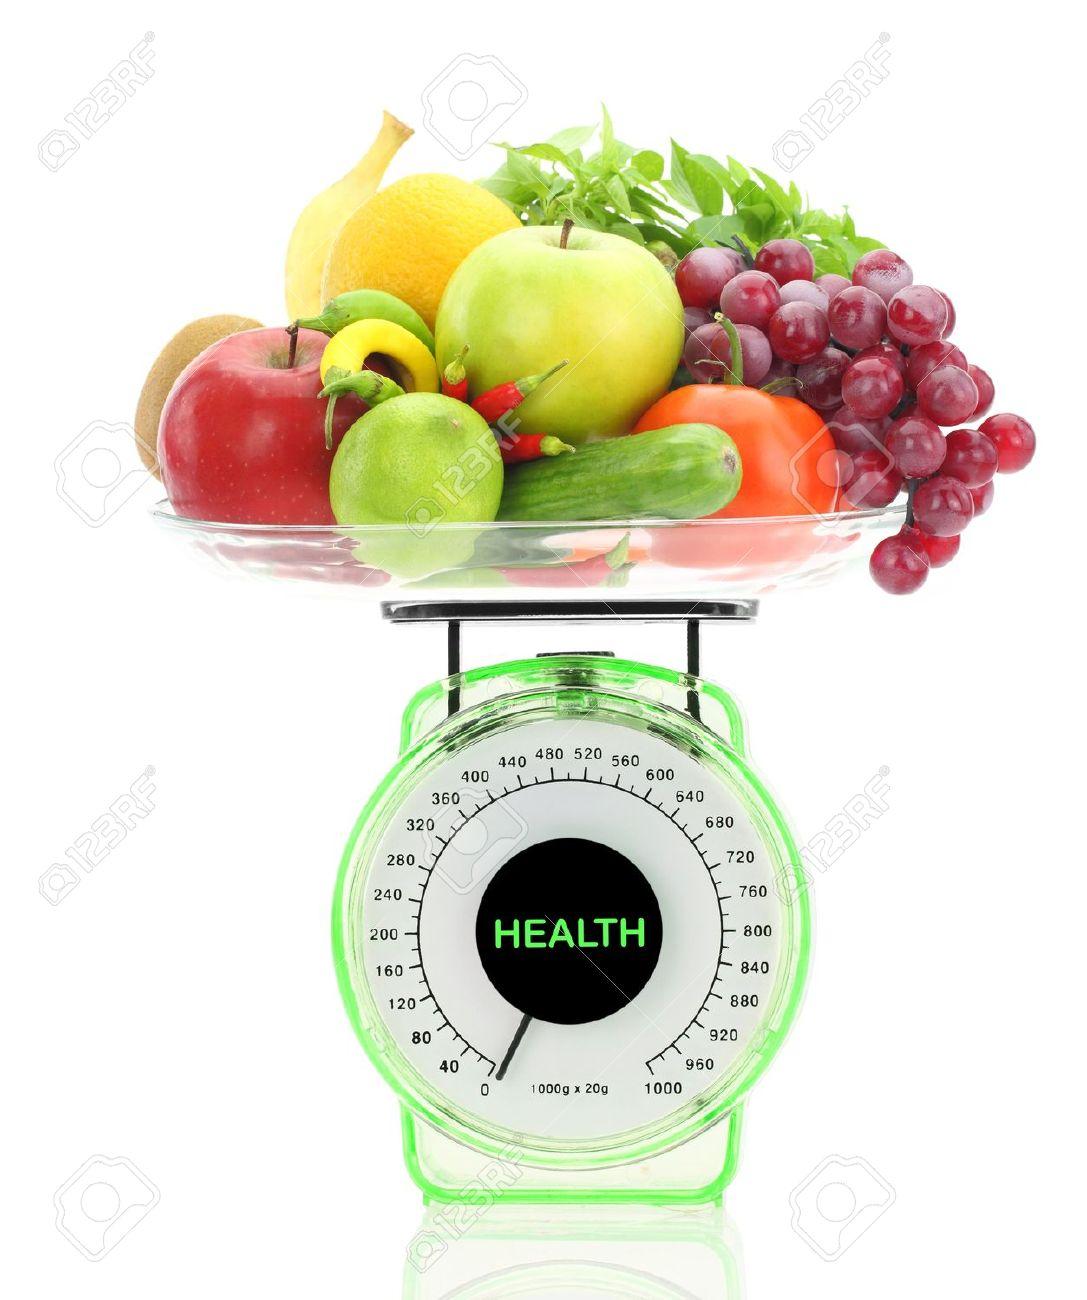 La Alimentación Saludable. Balanza De Cocina Con Frutas Y Verduras ...